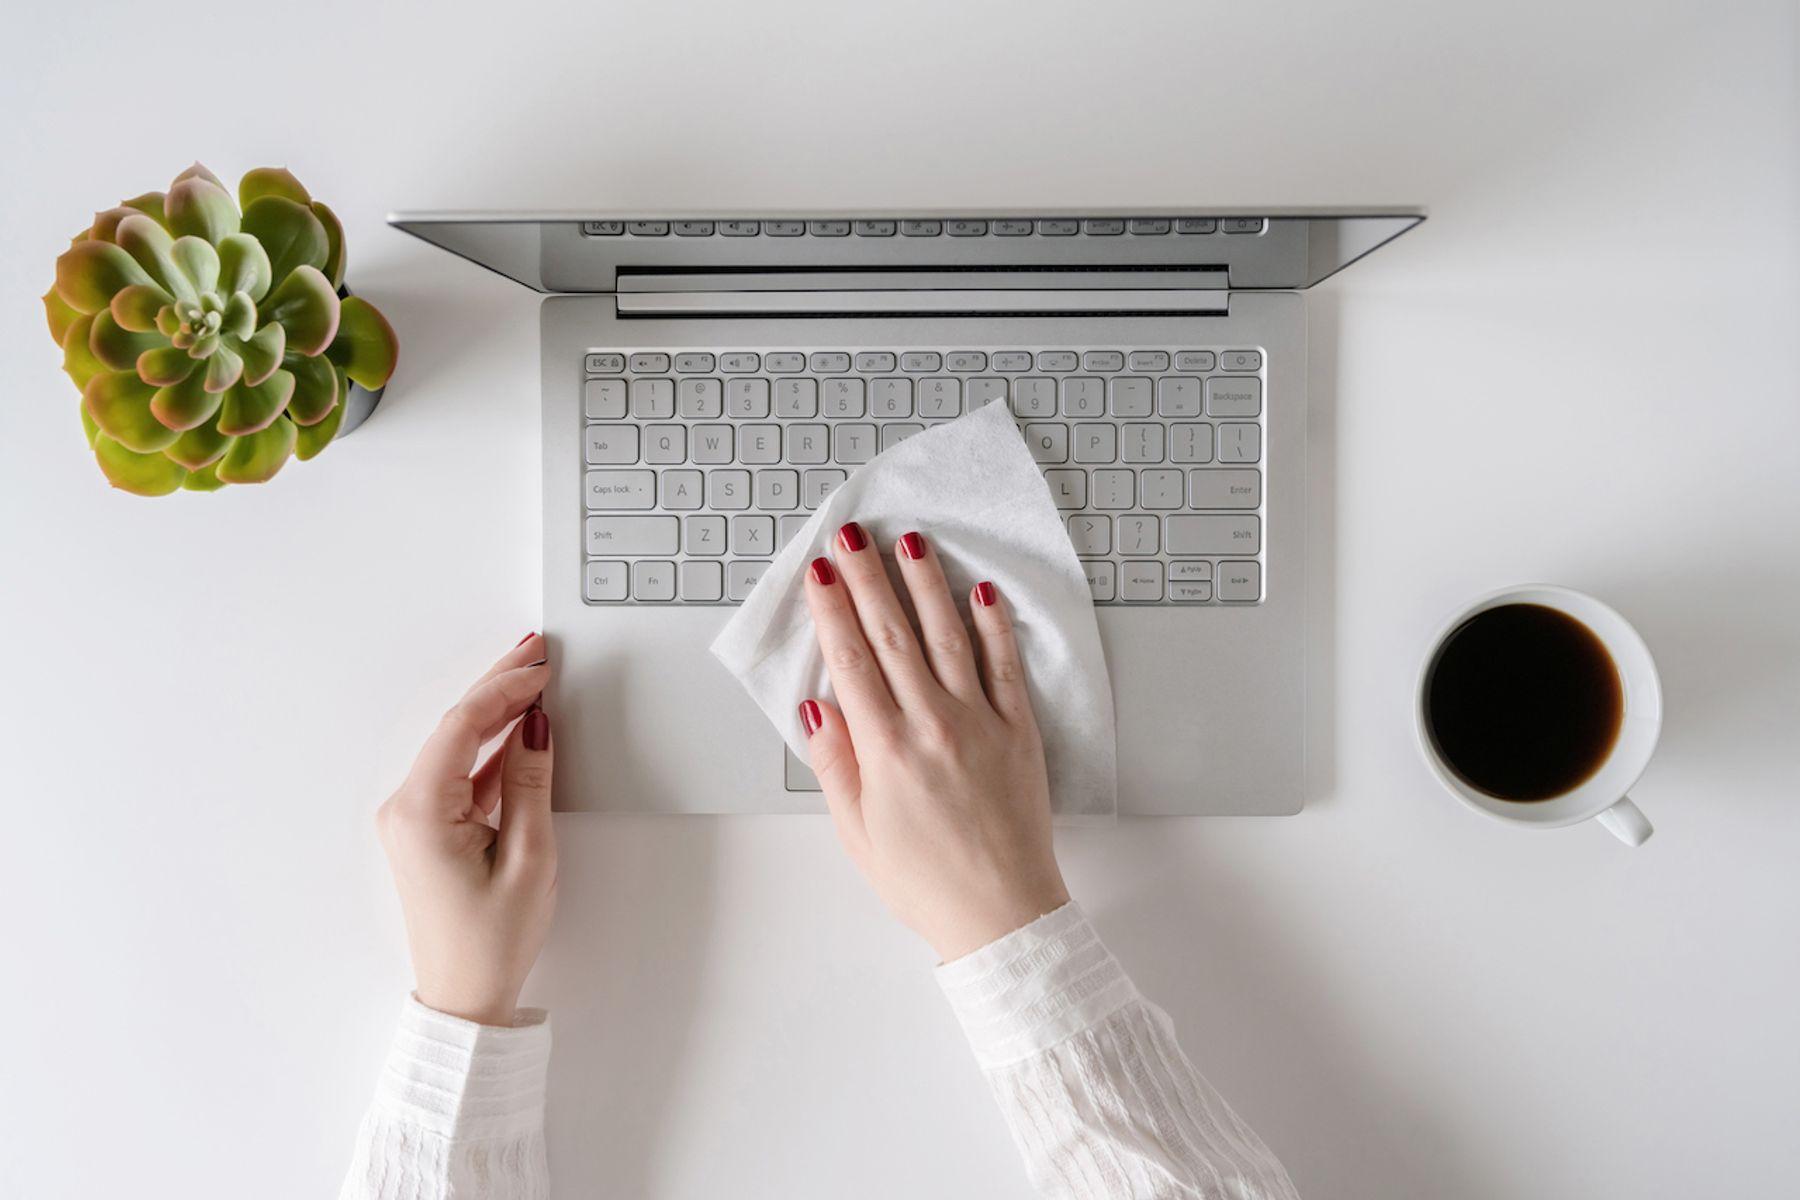 persona limpiando monitor de computadora